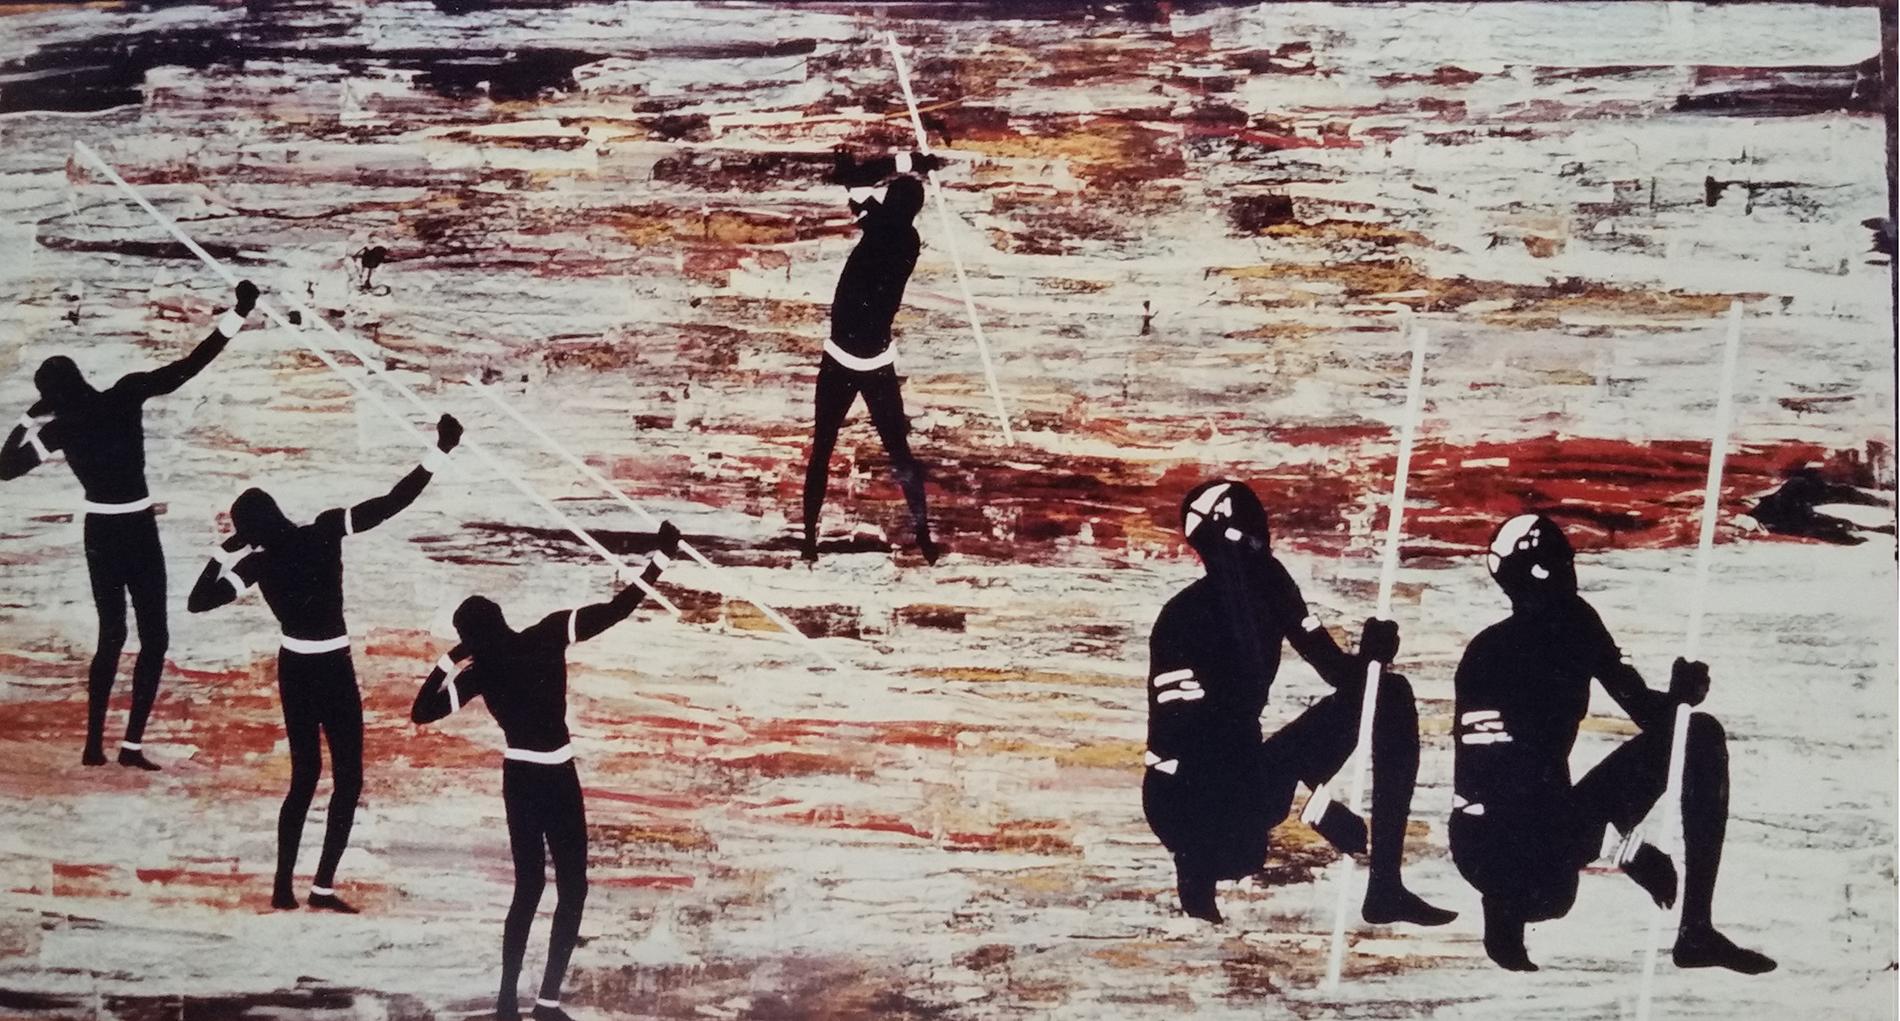 Villaggio Turistico Costa d'Avorio Tecnica mista. Colorazione ad acrilico su tela. Mq 200